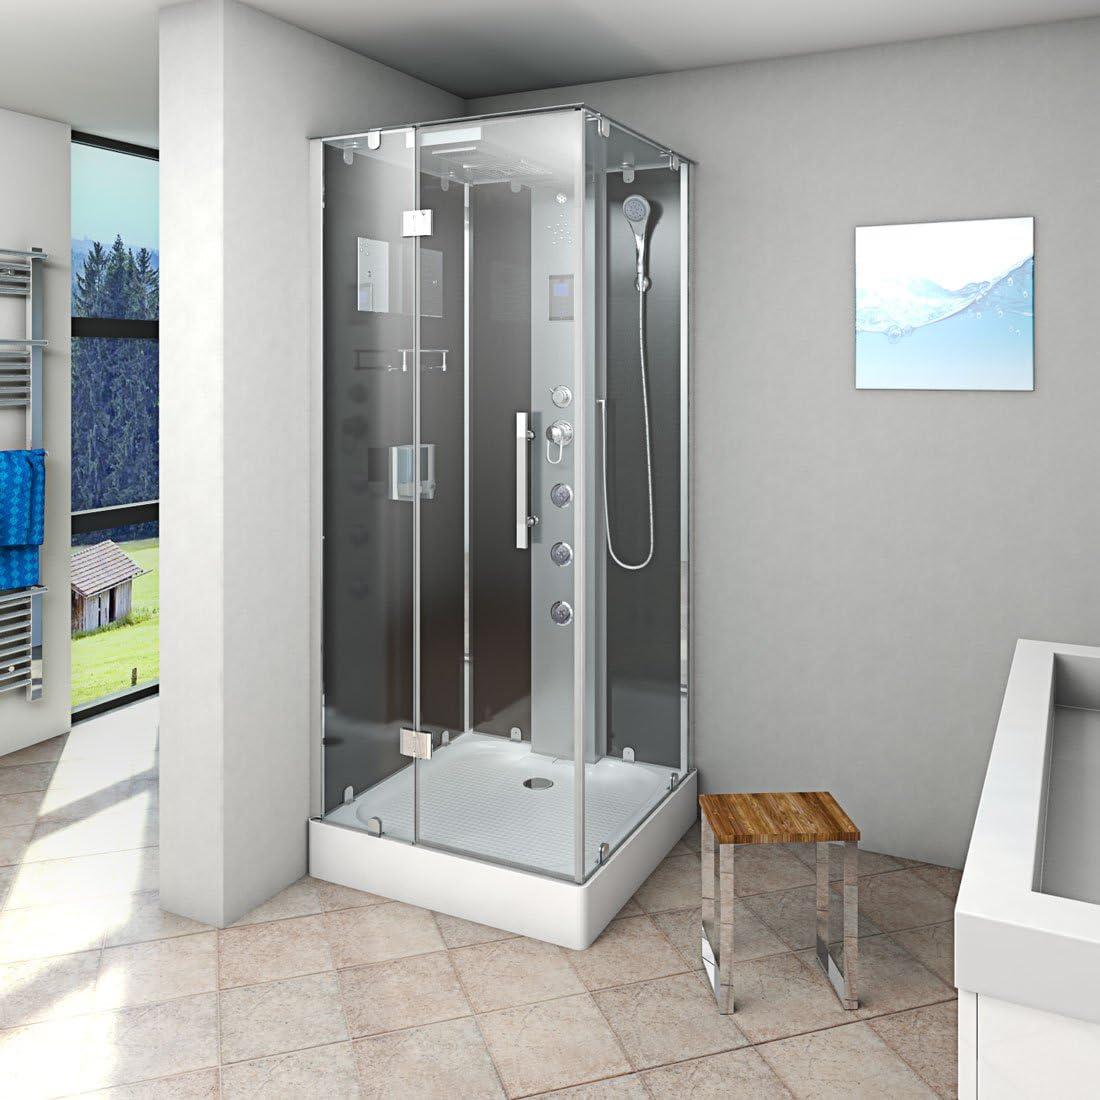 Acqua Vapore dtp6038 – 2302l cabina de ducha de vapor (Templo ducha 100 x 100, Negro 3000.00 wattsW, 230.00 voltsV: Amazon.es: Bricolaje y herramientas